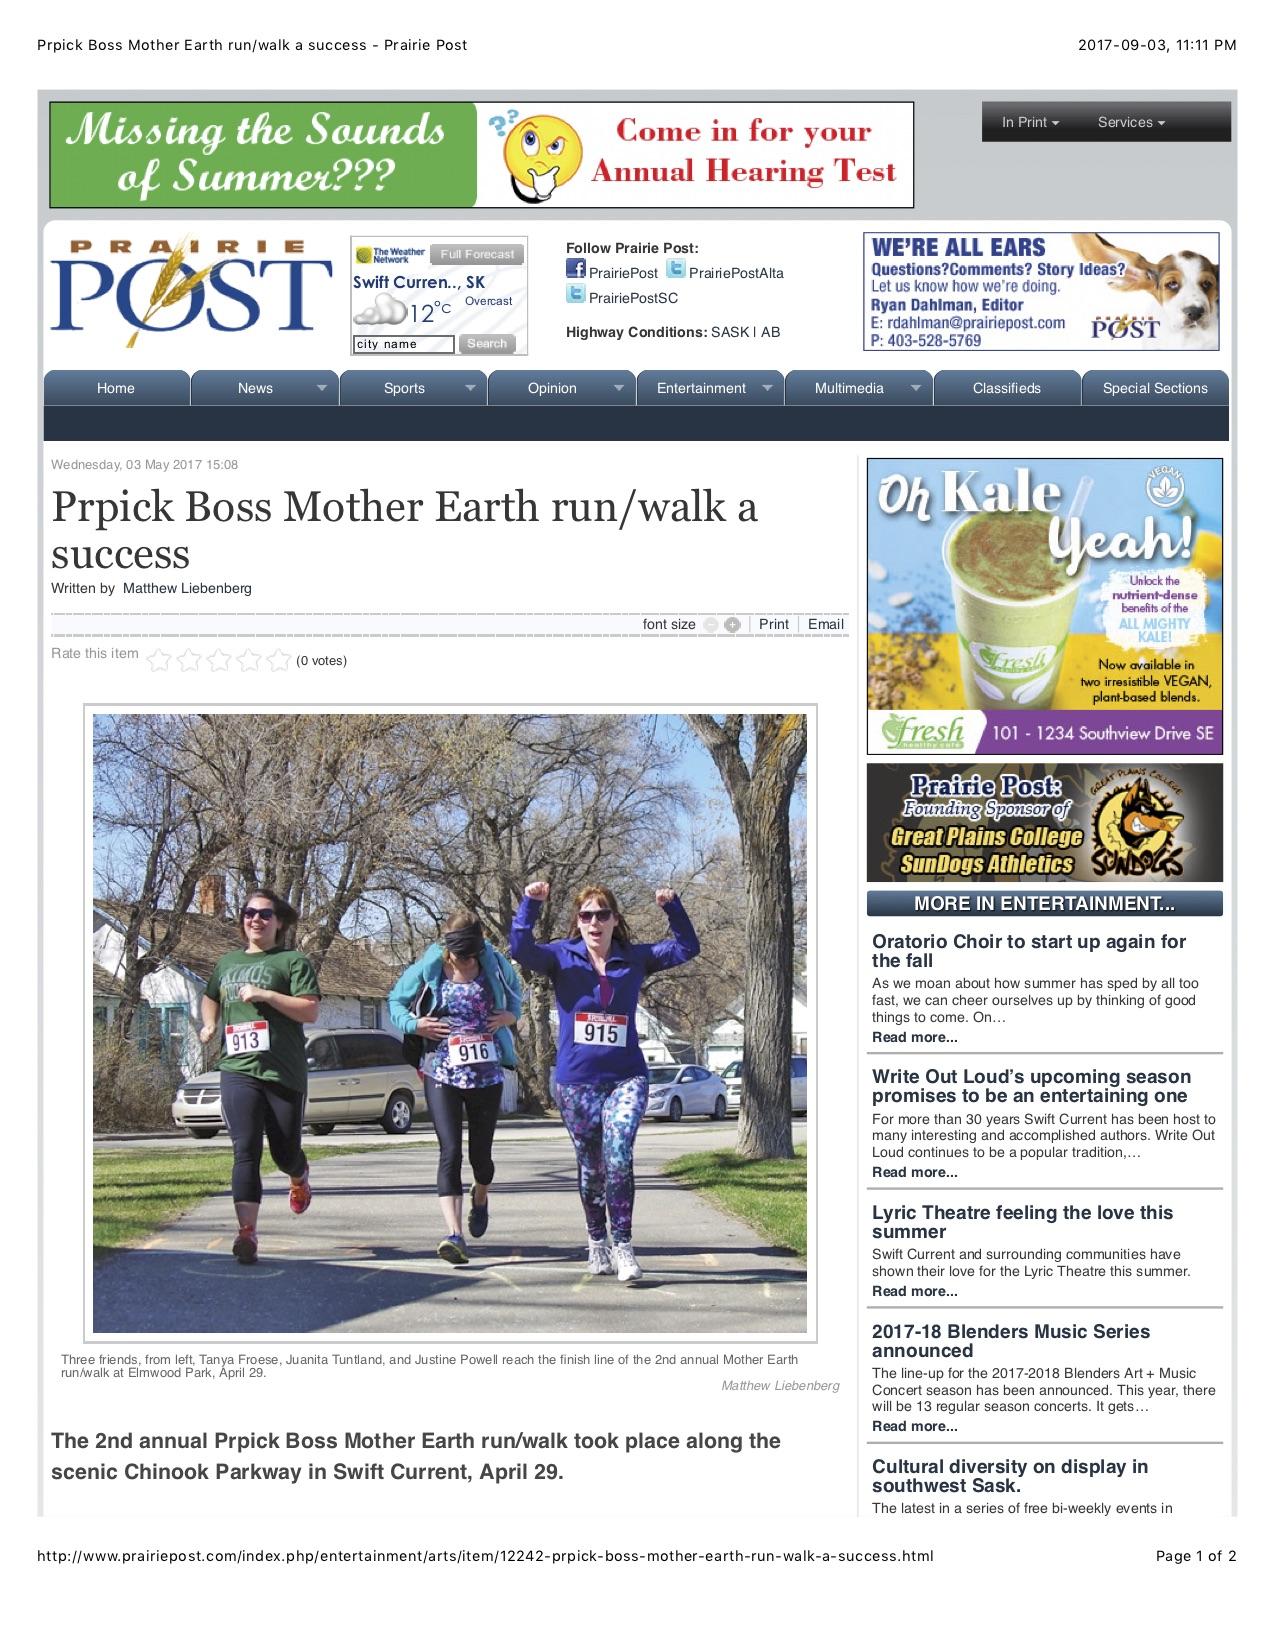 Prpick Boss Mother Earth run:walk a success - Prairie Post.jpg